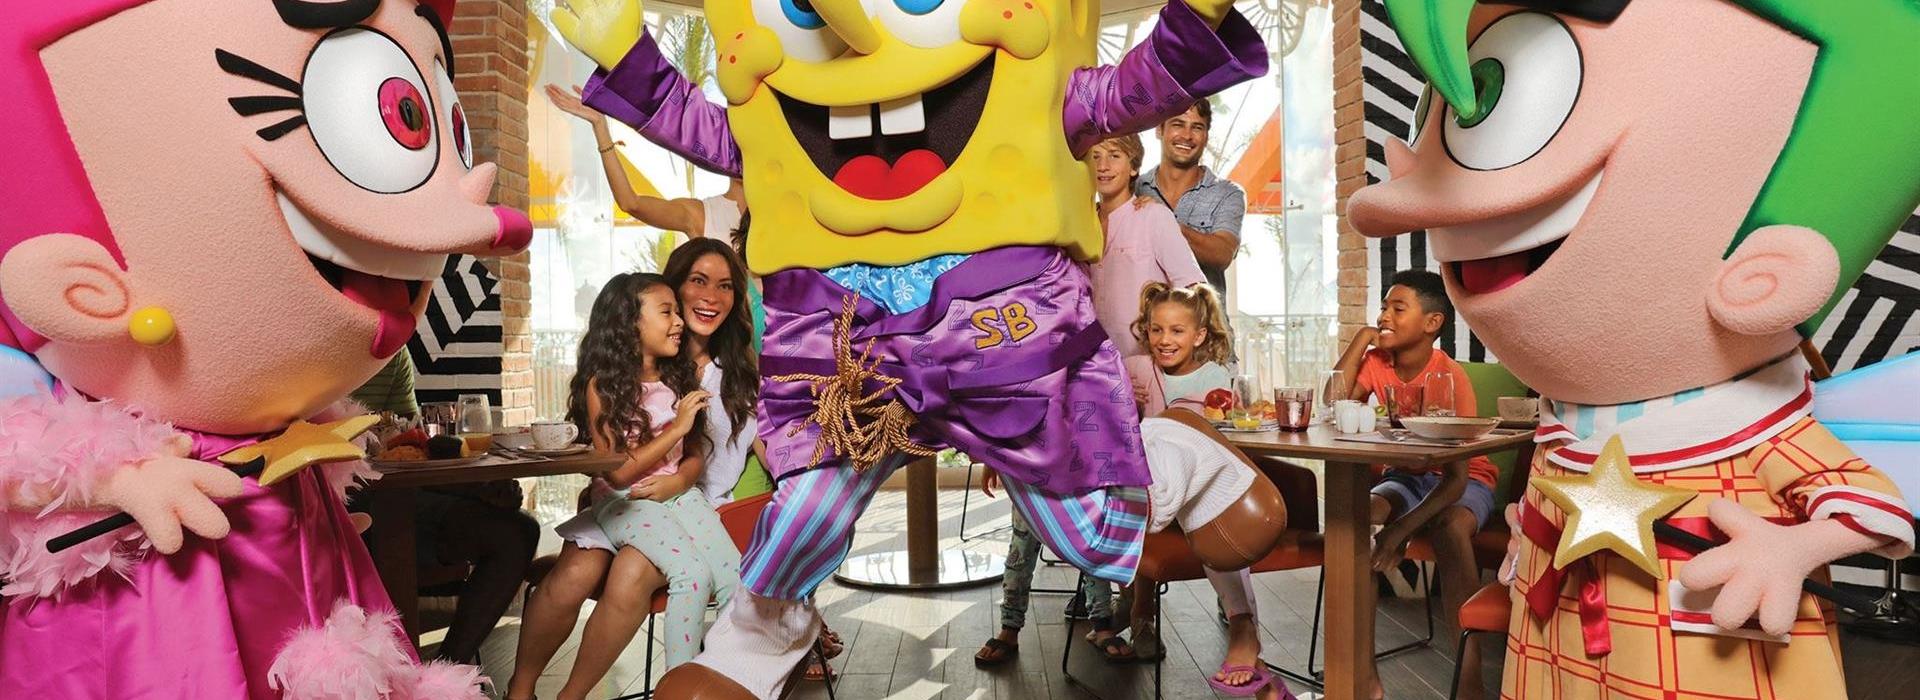 Nickelodeon Punta Cana 5* Luxury